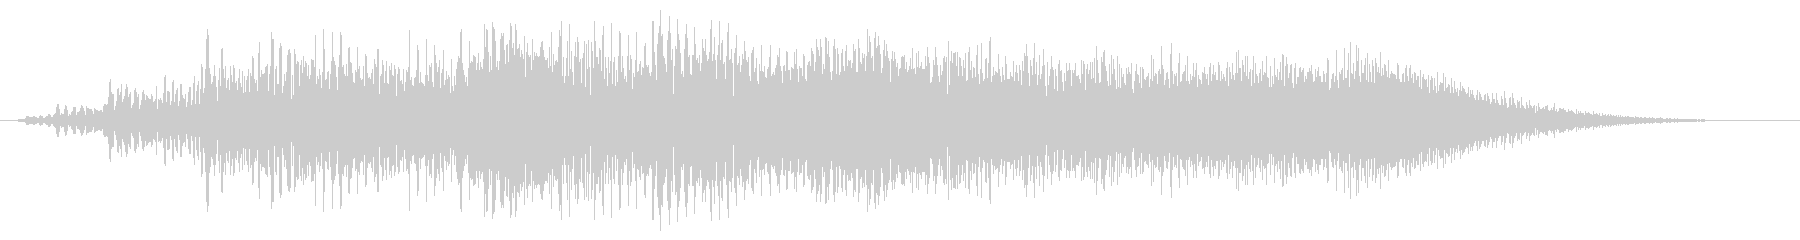 ビョロロン(金属的な音)の未再生の波形